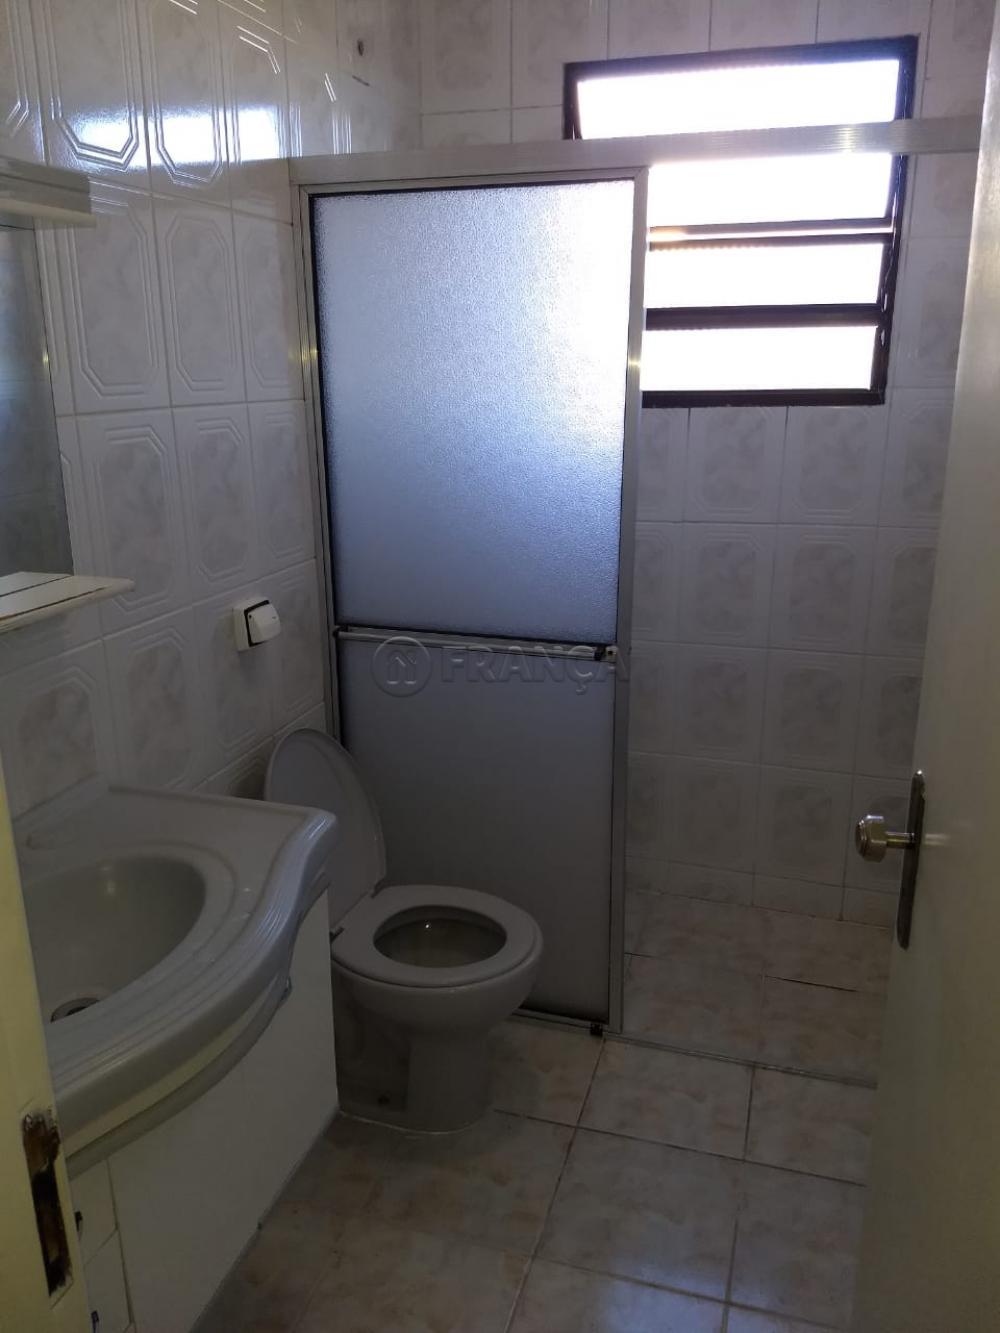 Alugar Apartamento / Padrão em Jacareí R$ 900,00 - Foto 9